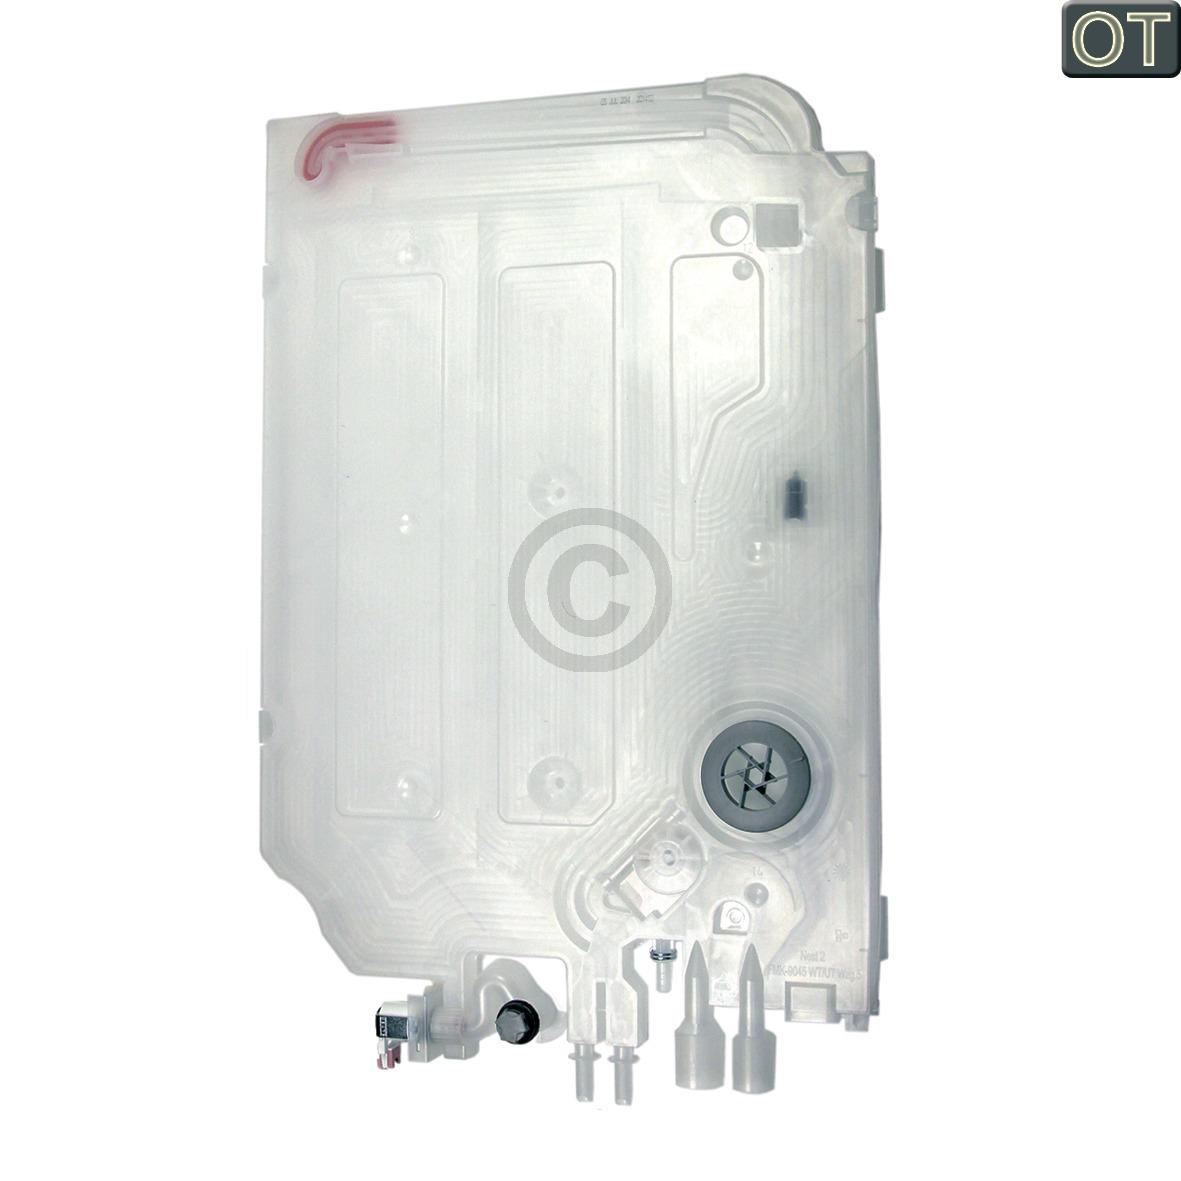 Regenerierdosierung 00680319 680319 Bosch, Siemens, Neff, Küppersbusch